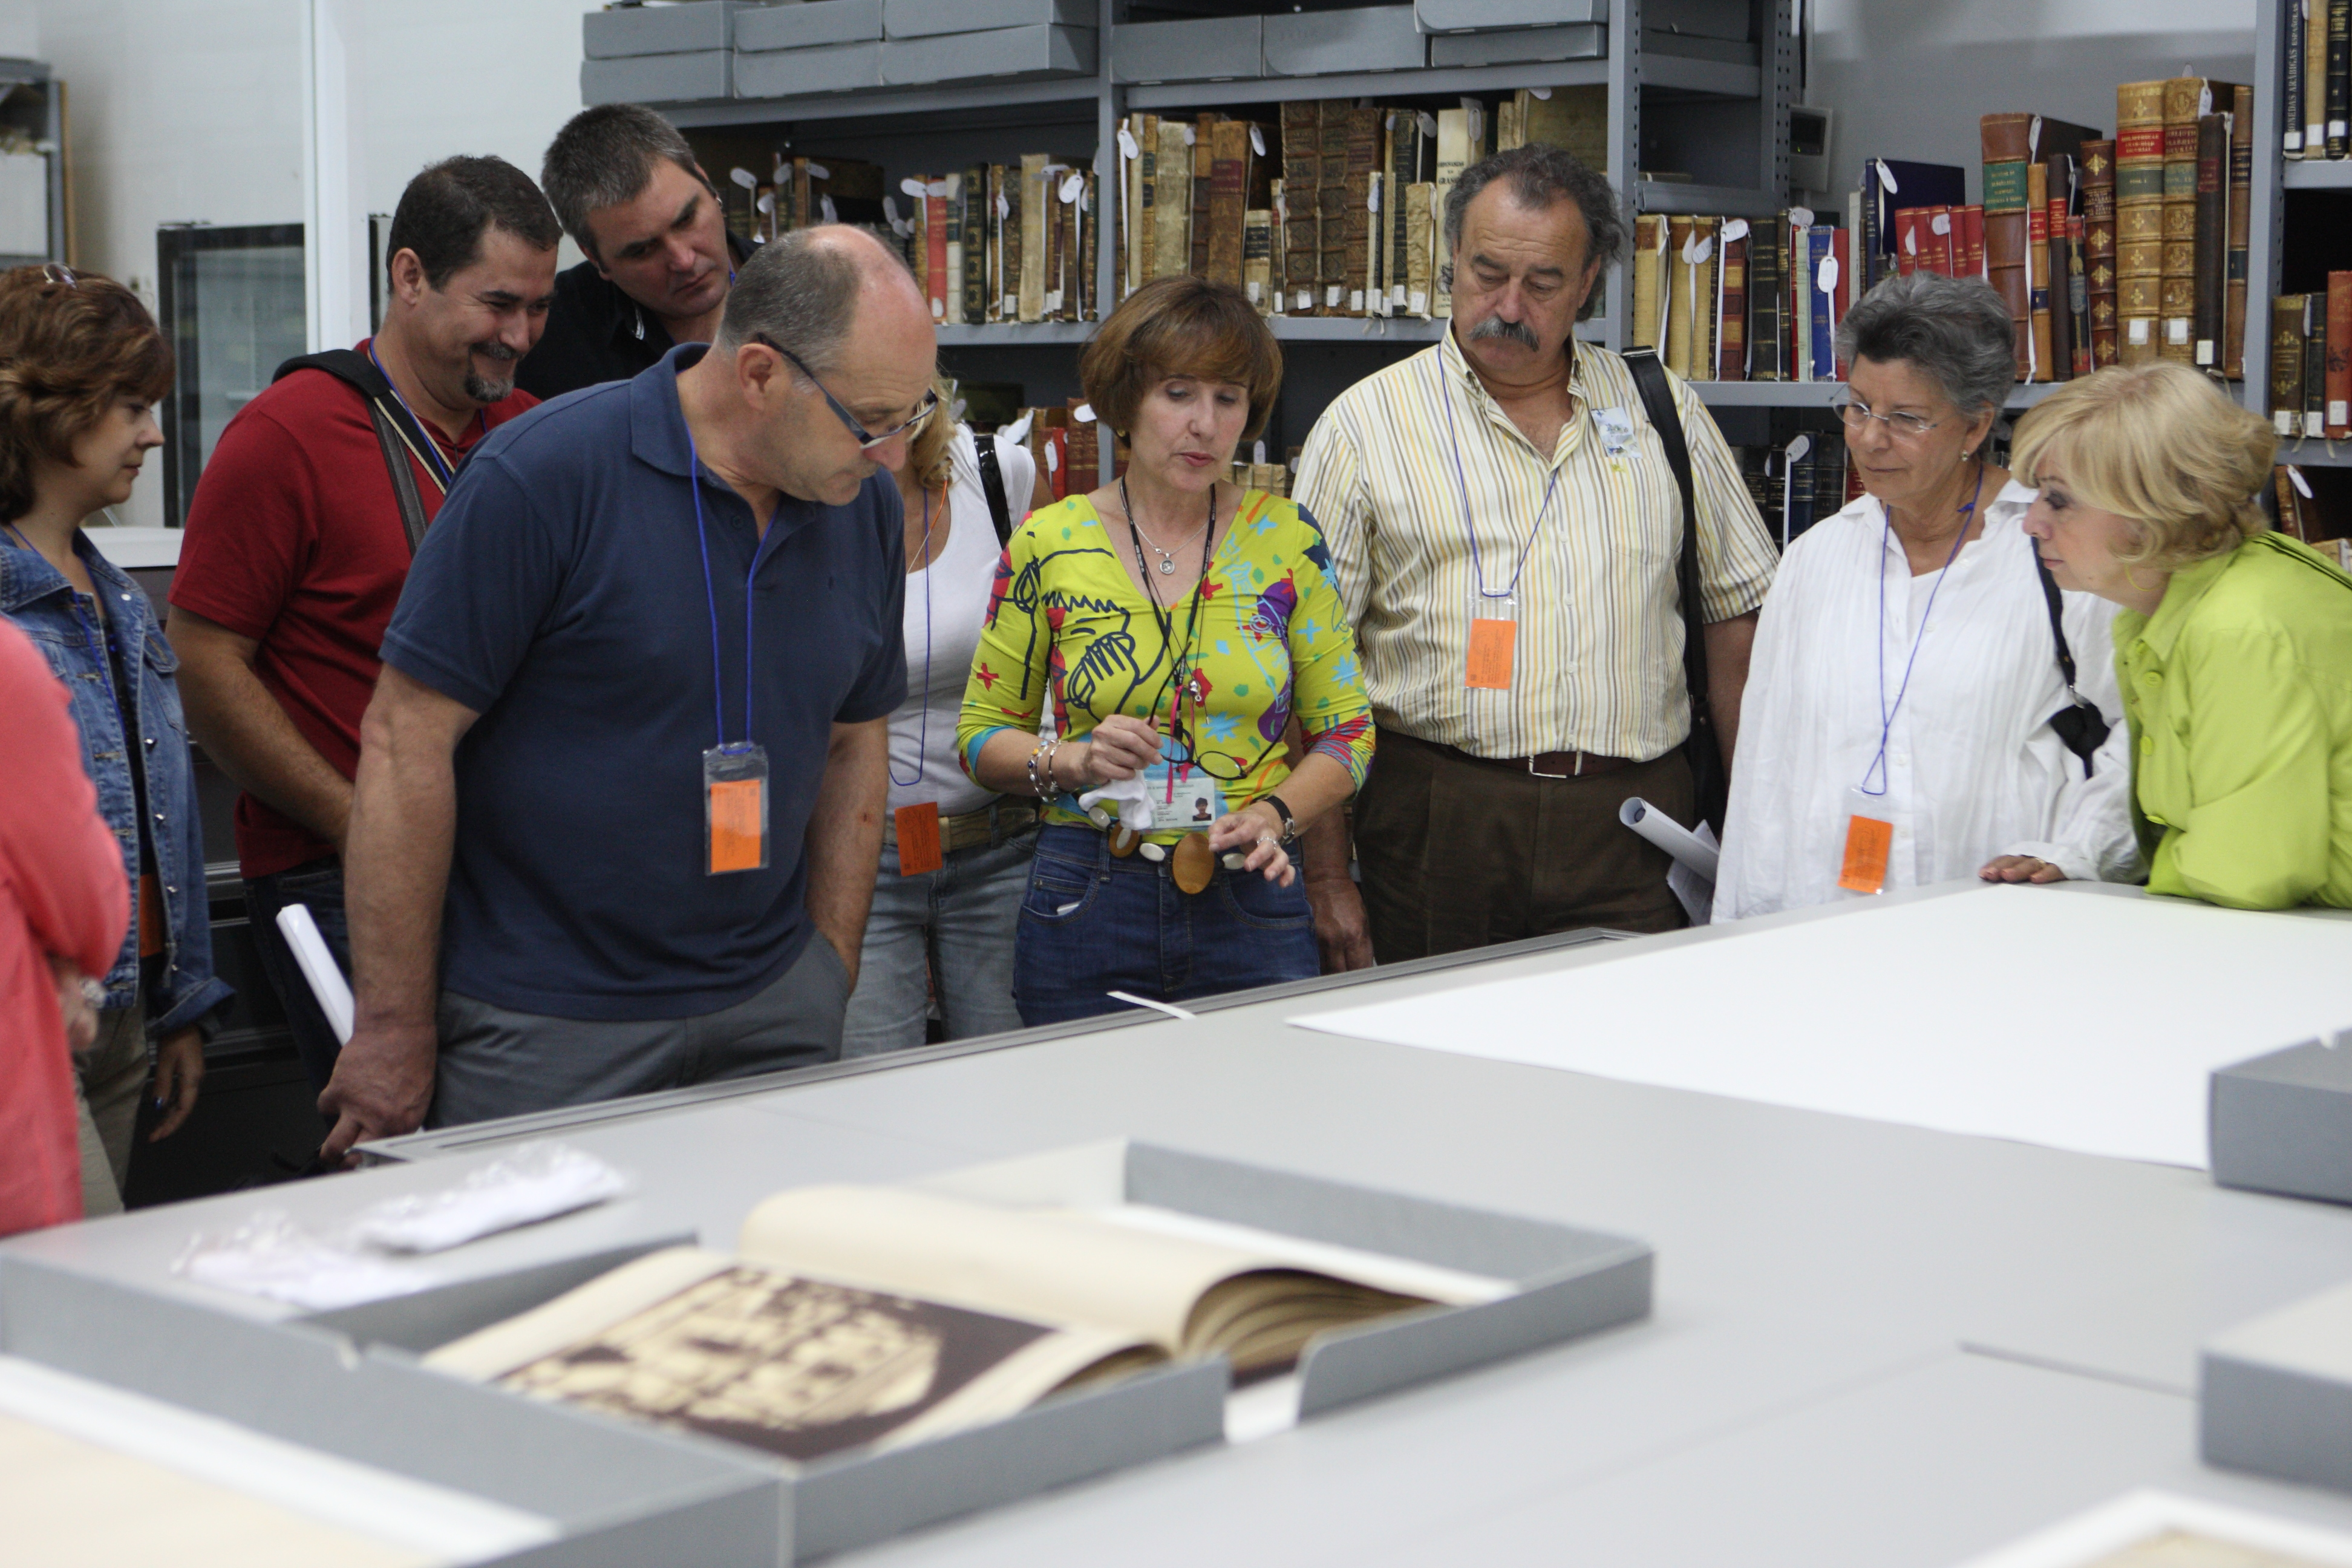 El Archivo de la Alhambra se abre al público y organiza visitas guiadas para celebrar el Día Internacional